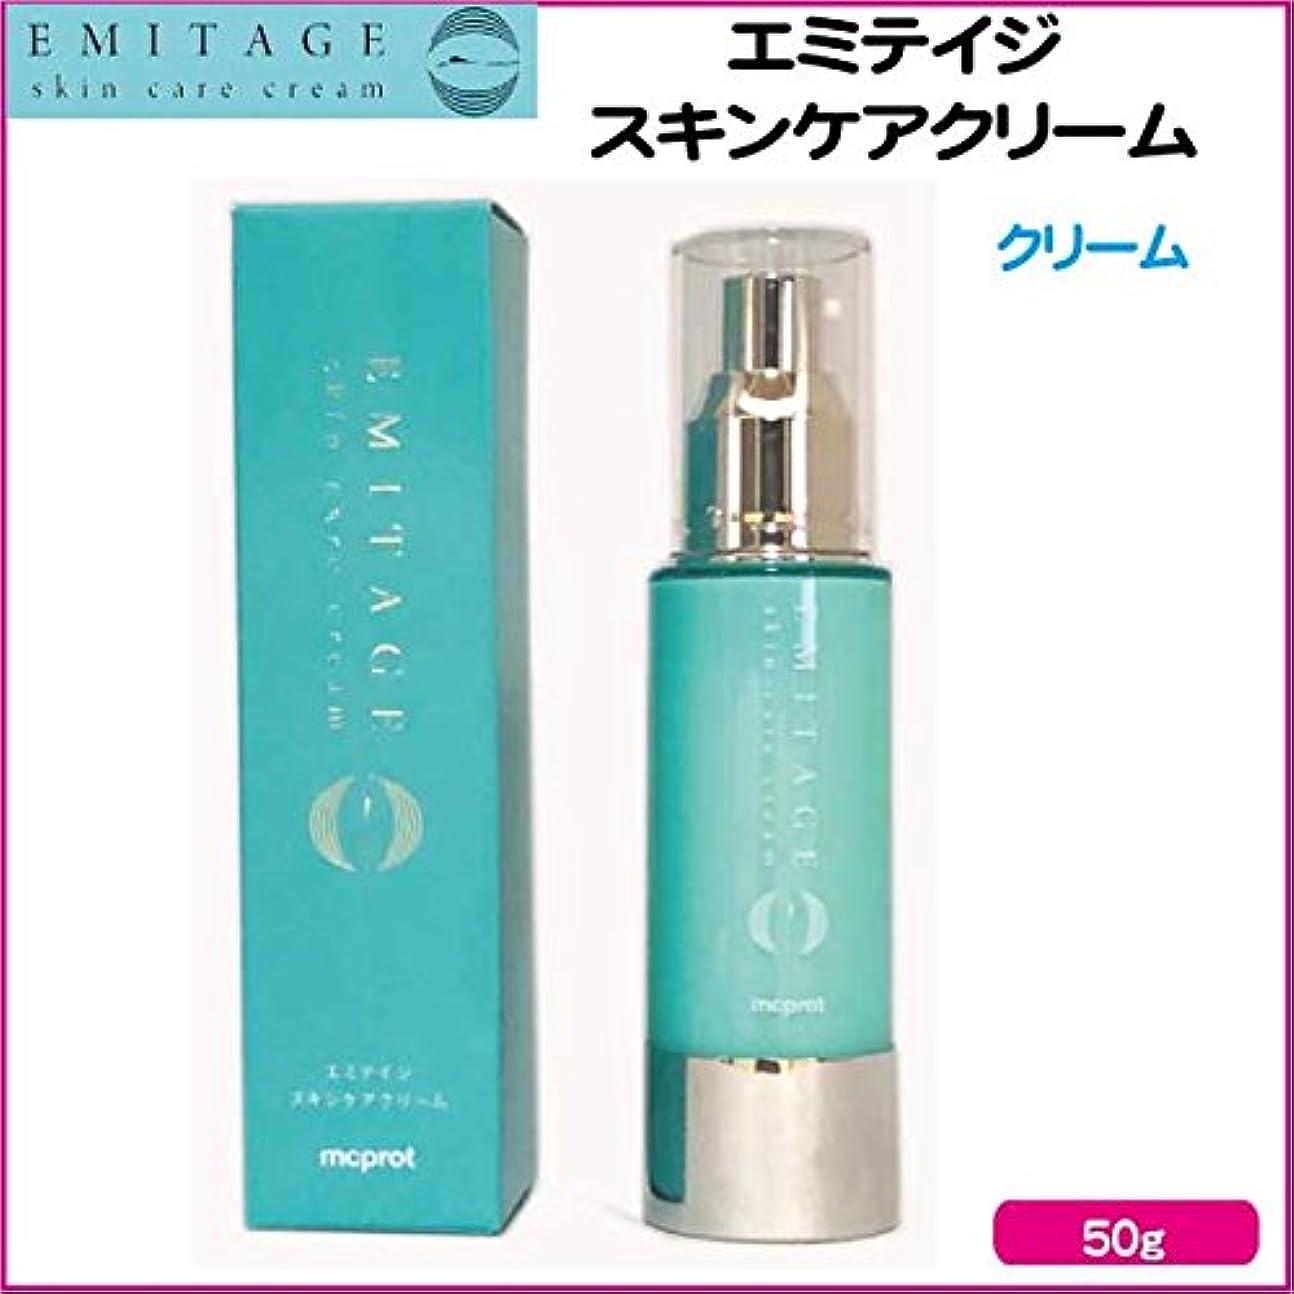 ビリー反対にはさみ【クリーム】 EMITAGE skin care cream エミテイ スキンケア クリーム  50g 日本製